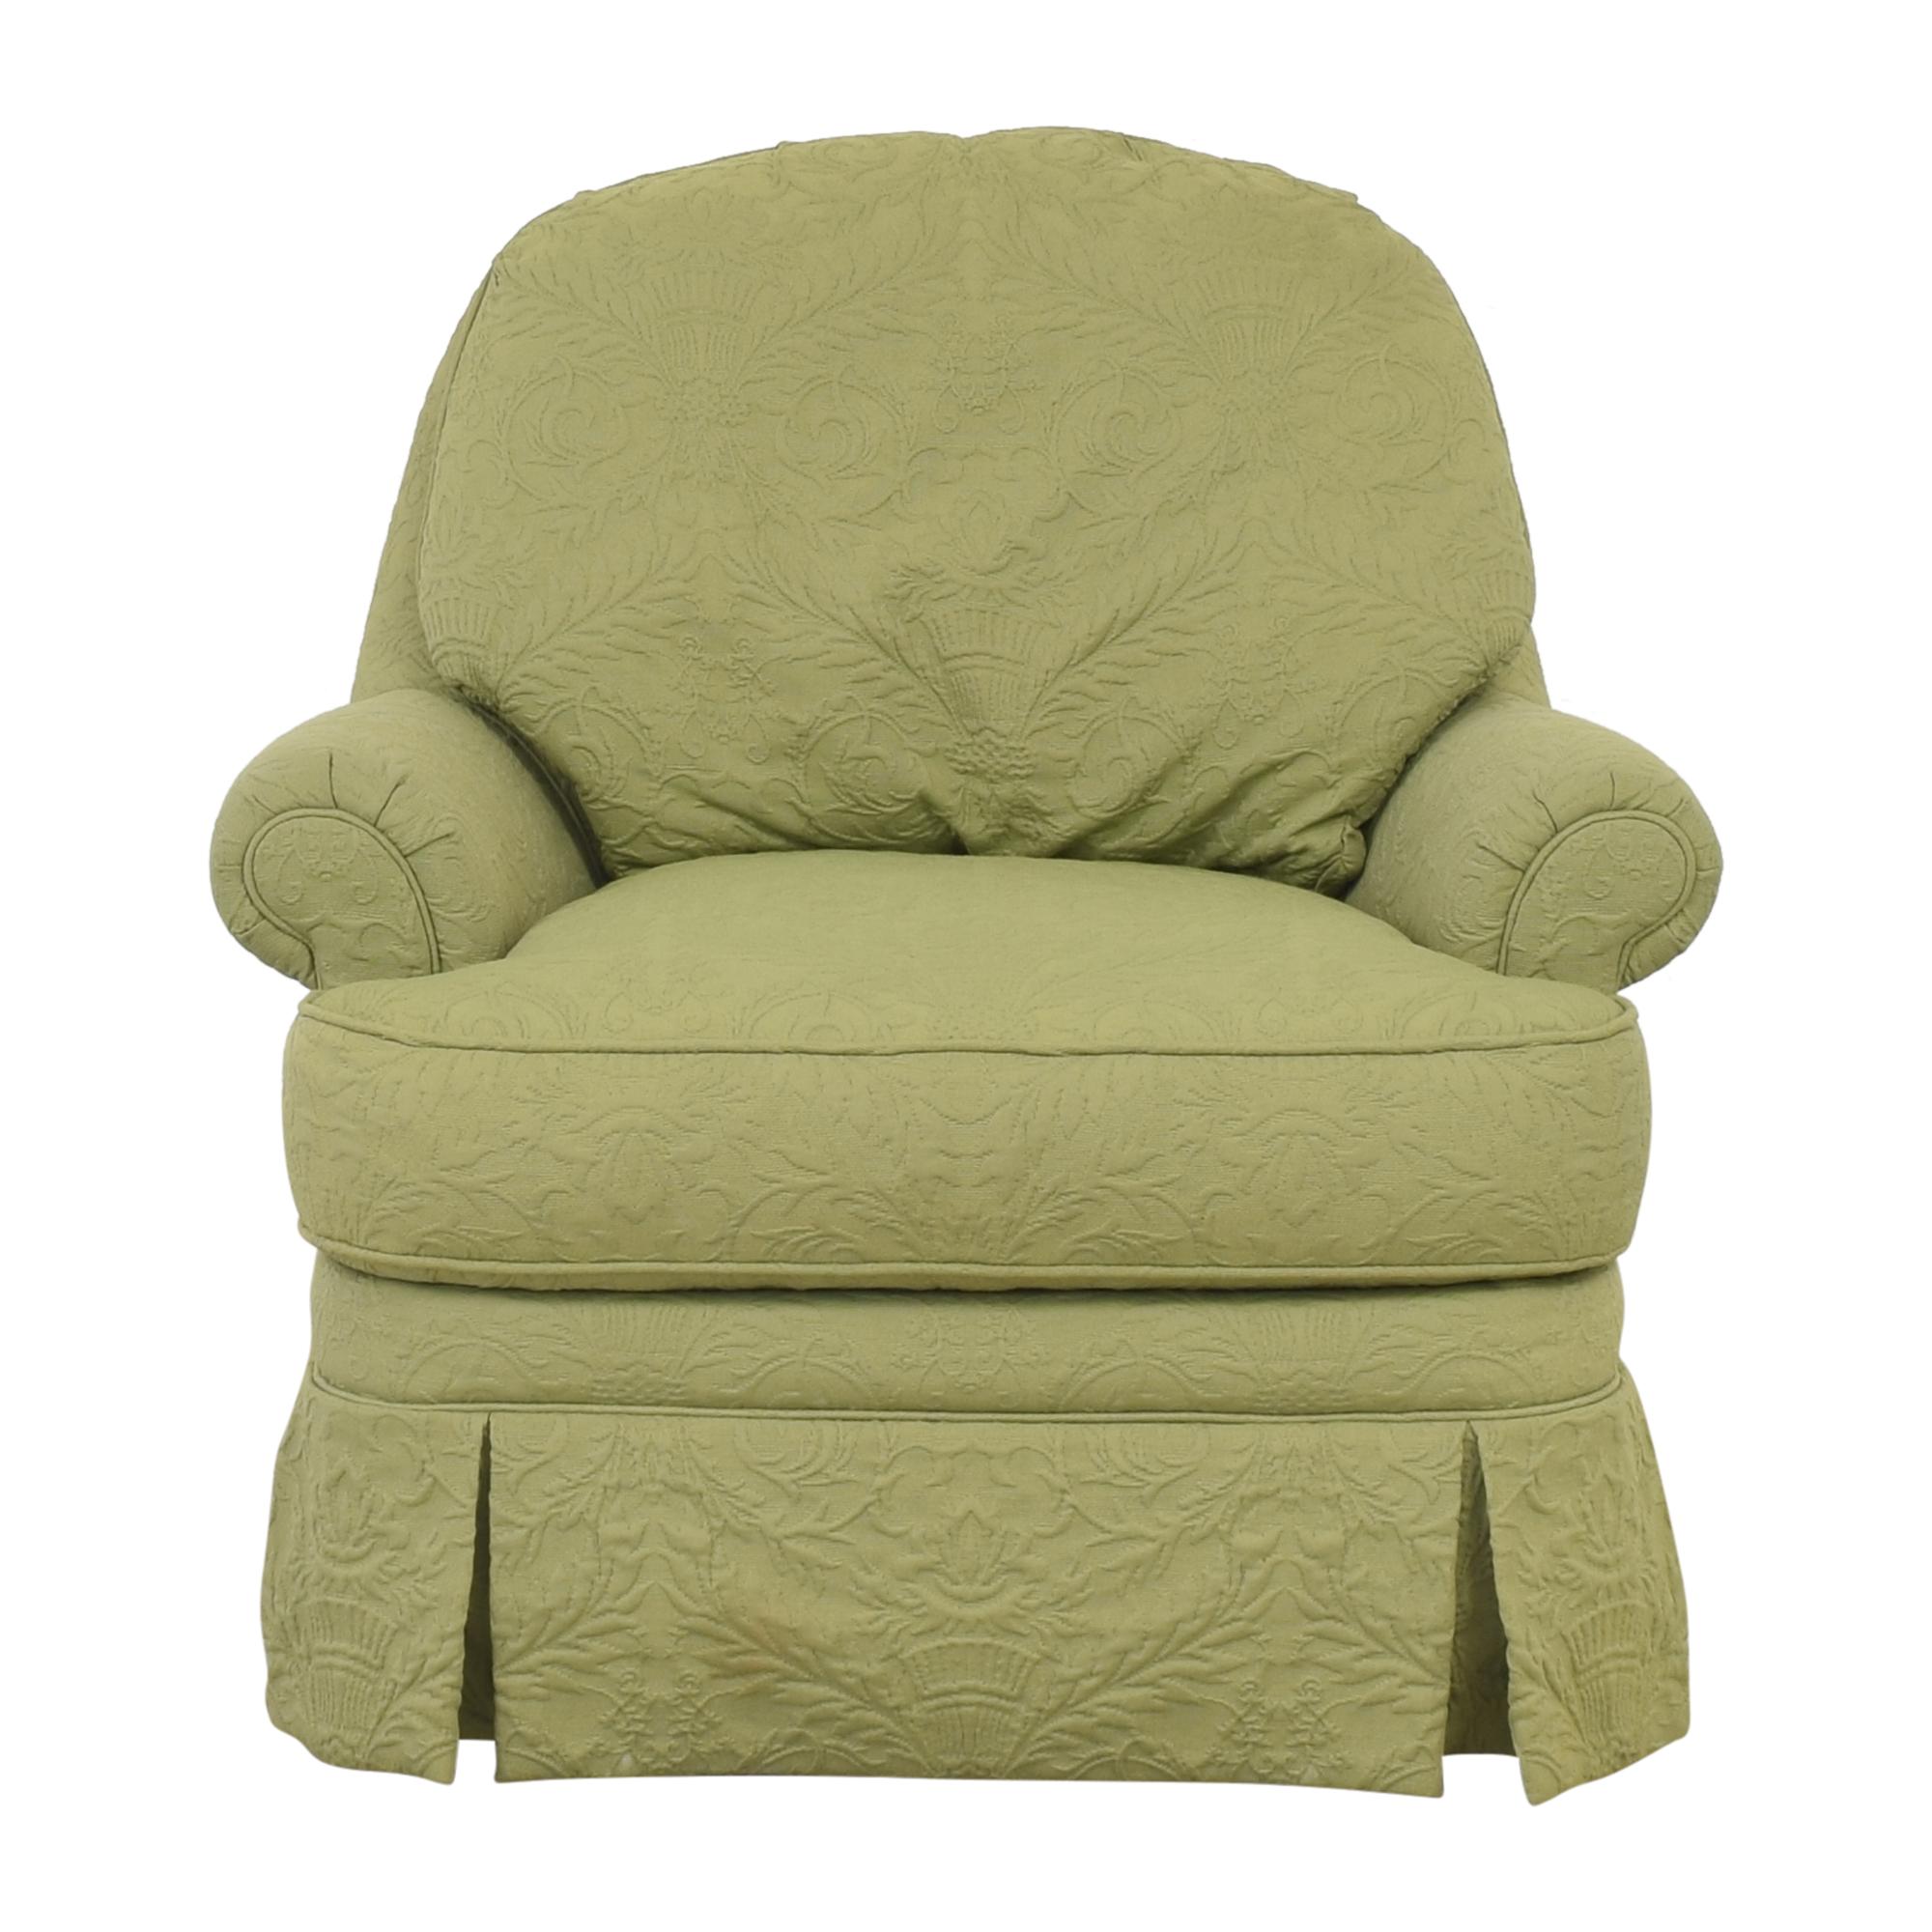 Ethan Allen Ethan Allen Swivel Armchair used